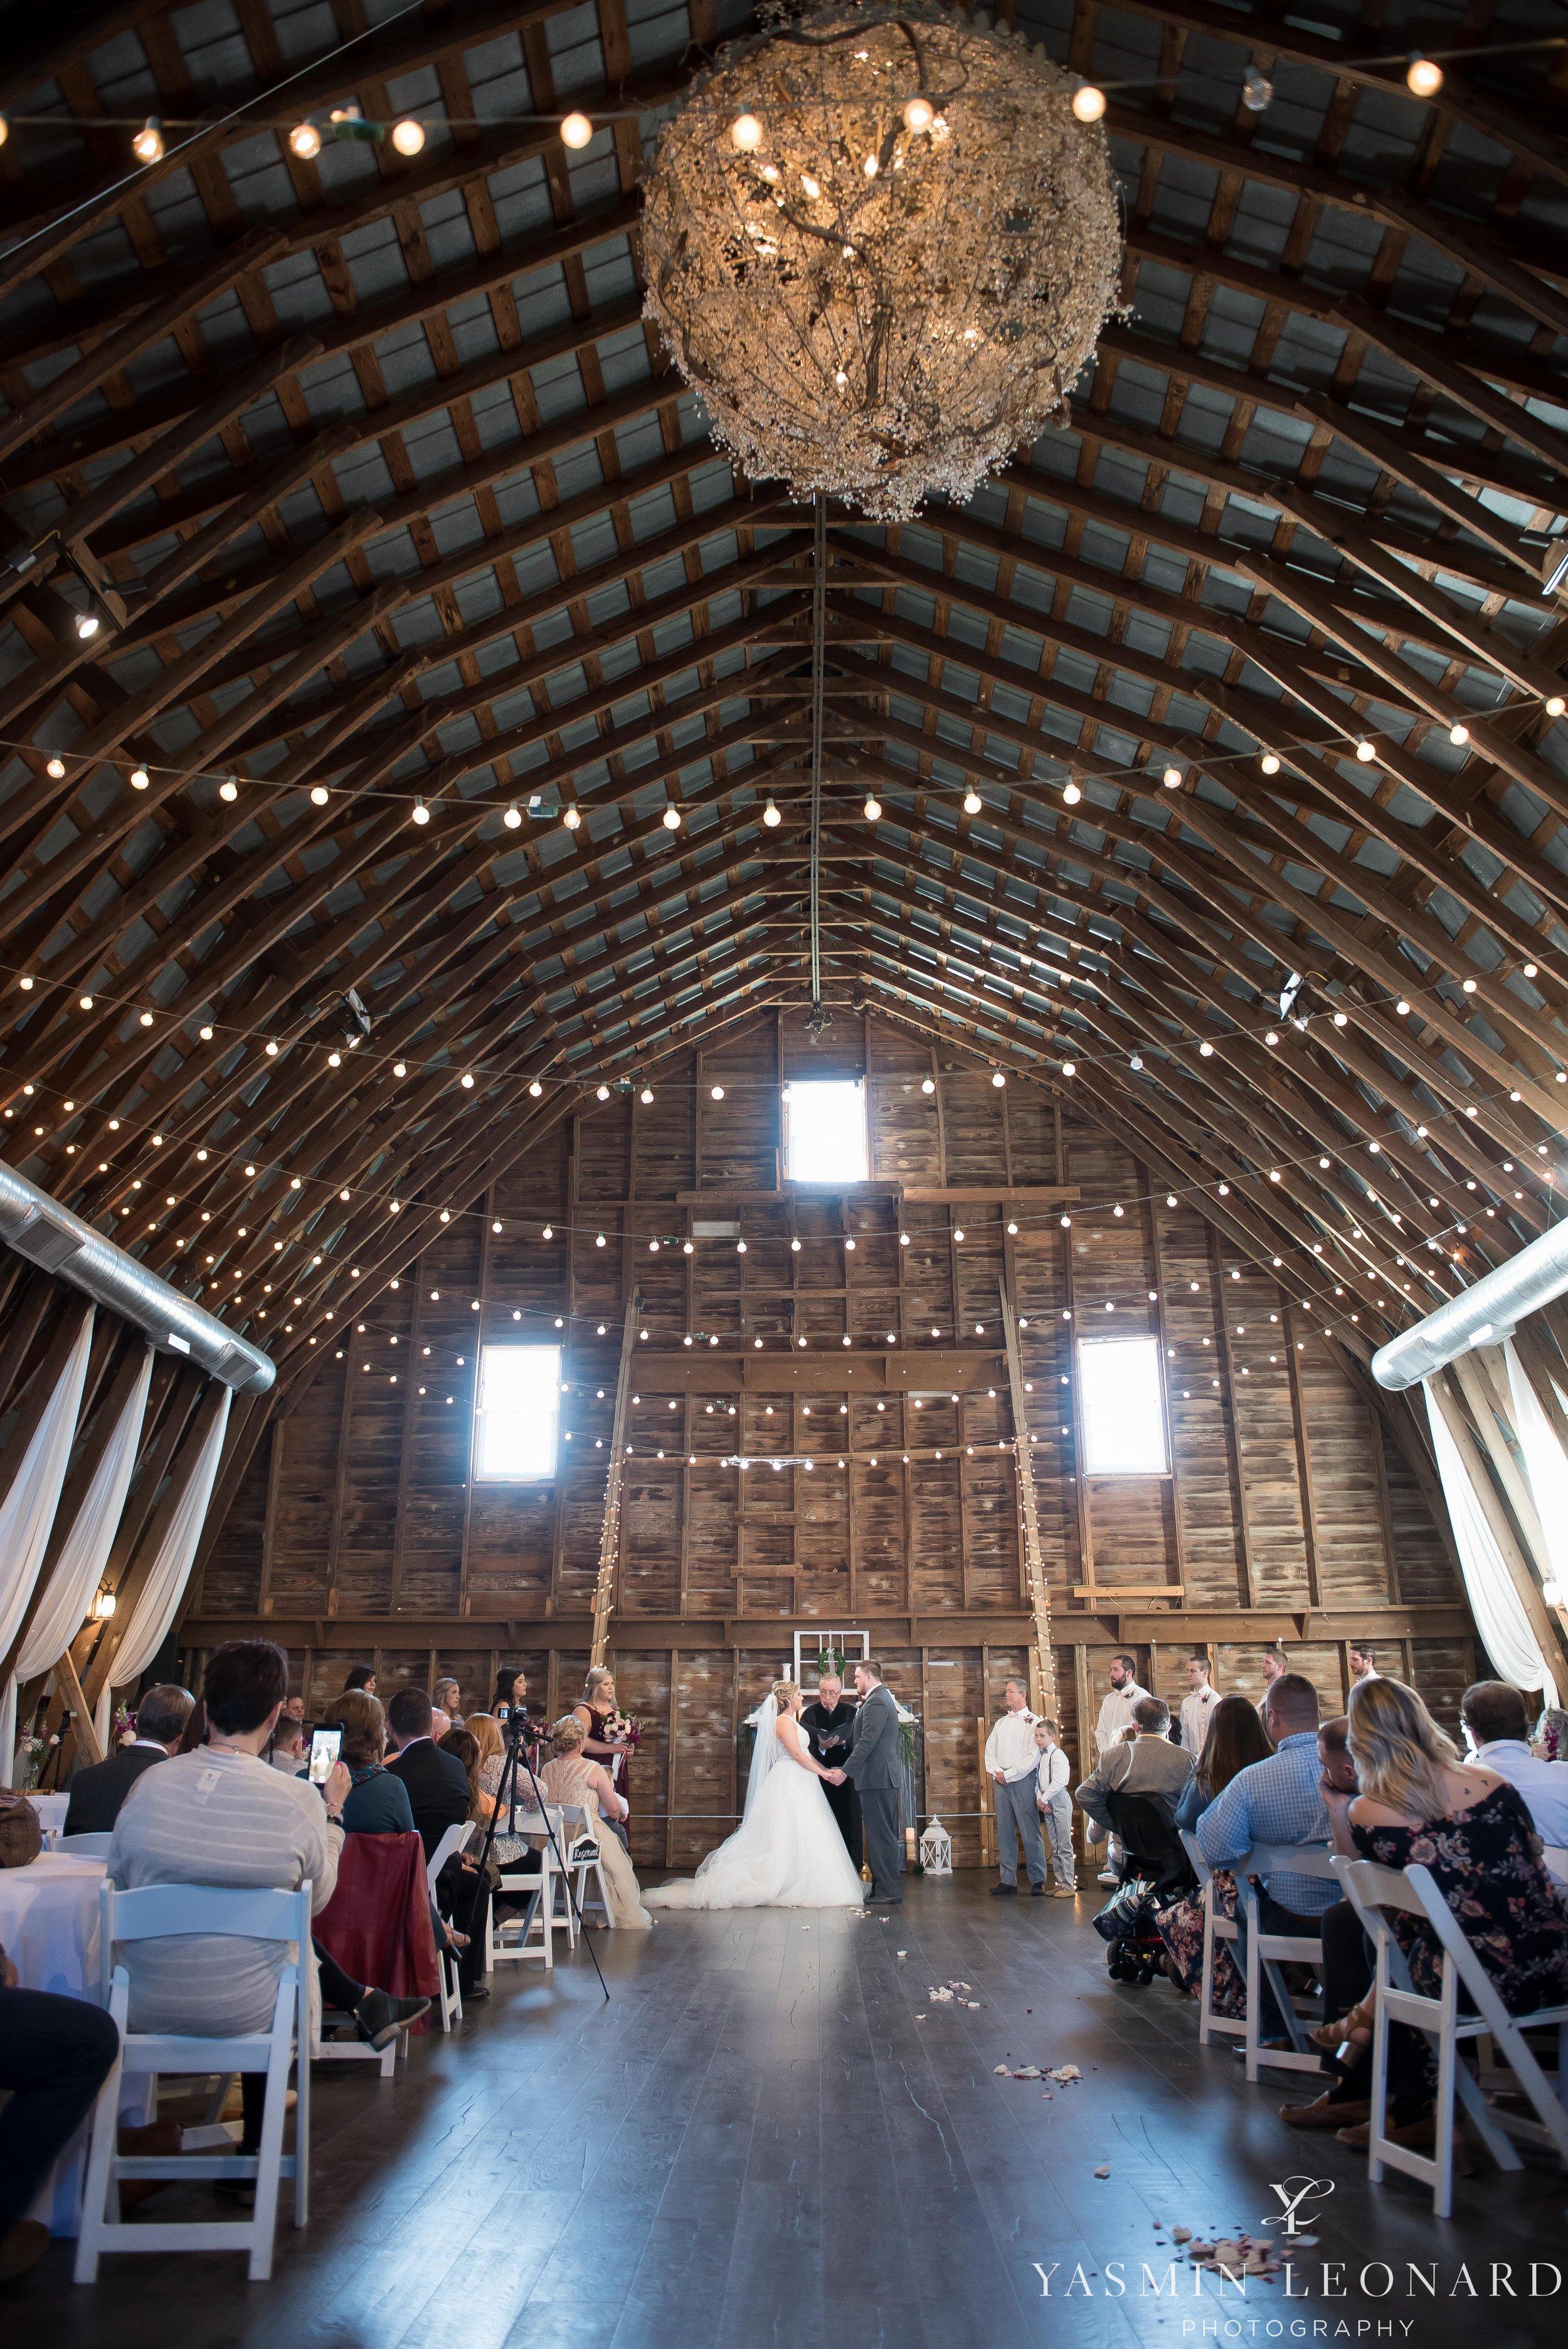 Millikan Farms - Millikan Farms Wedding - Sophia NC Wedding - NC Wedding - NC Wedding Photographer - Yasmin Leonard Photography - High Point Photographer - Barn Wedding - Wedding Venues in NC - Triad Wedding Photographer-47.jpg